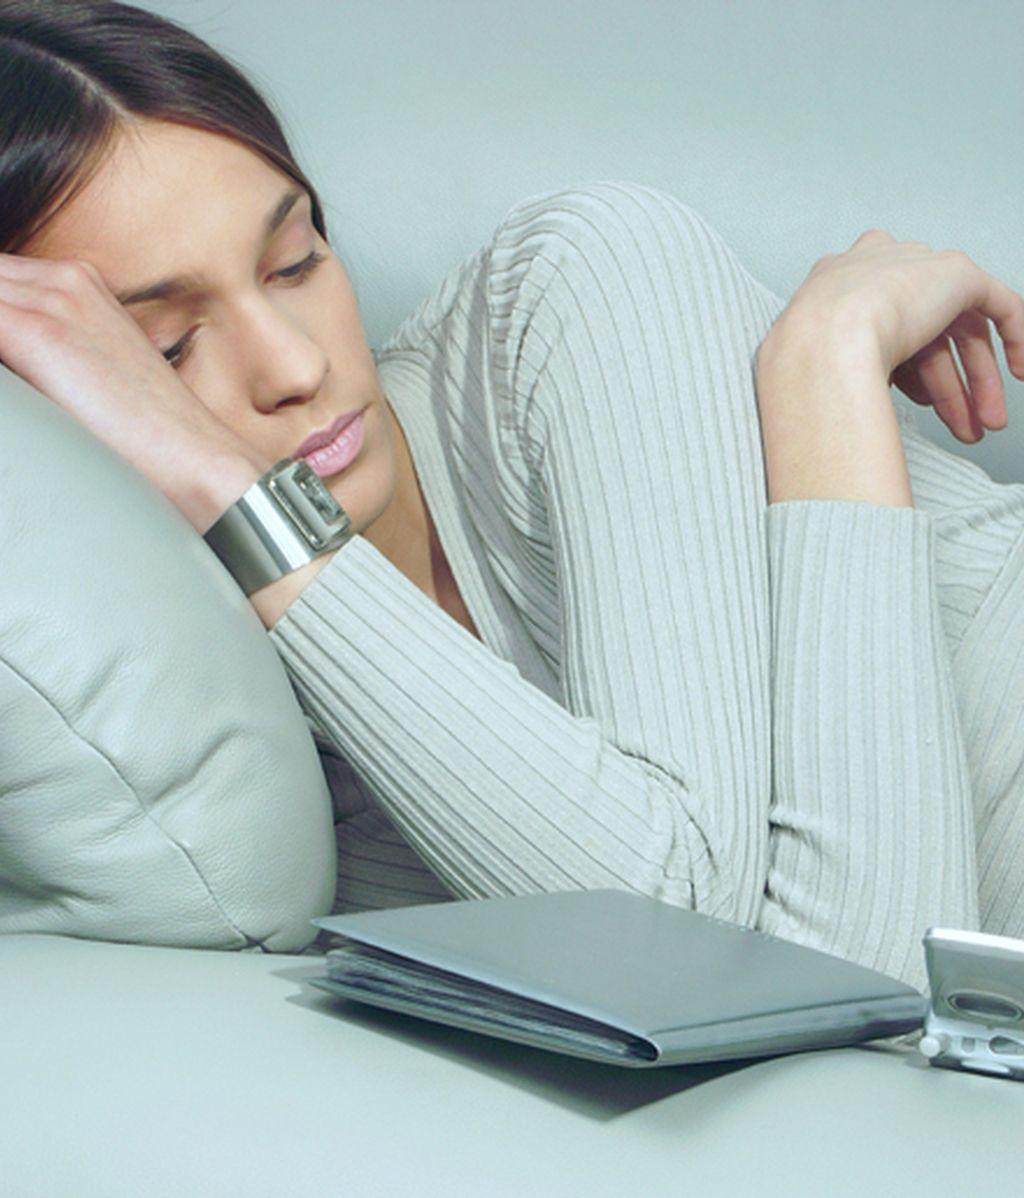 Dormir con un smartphone altera el sueño